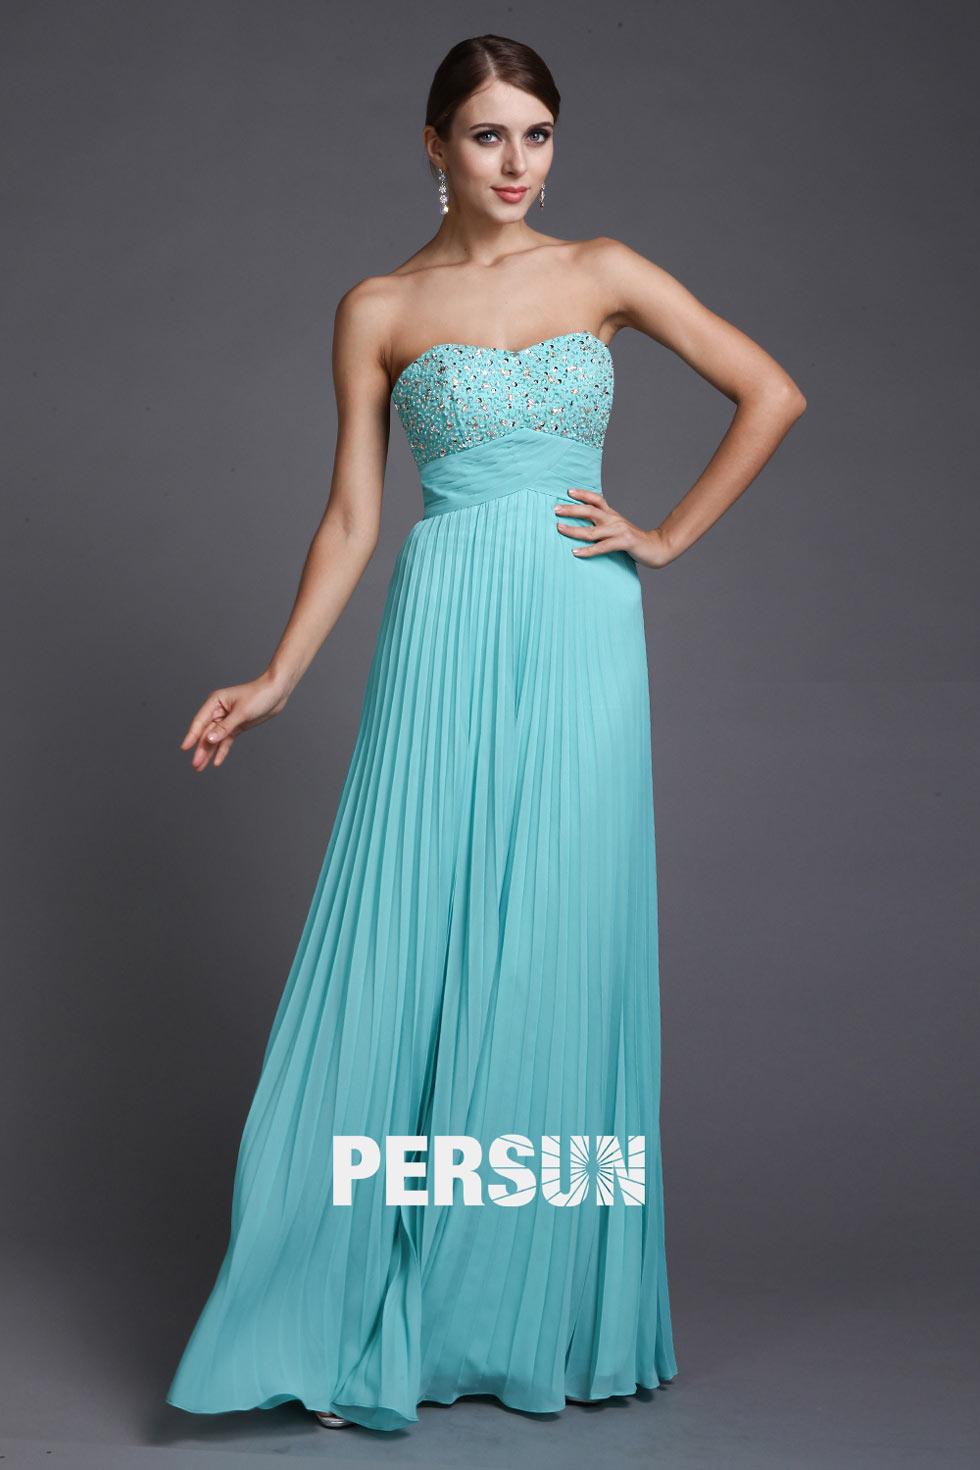 robe demoiselle d'honneur turquoise longue bustier coeur plissé